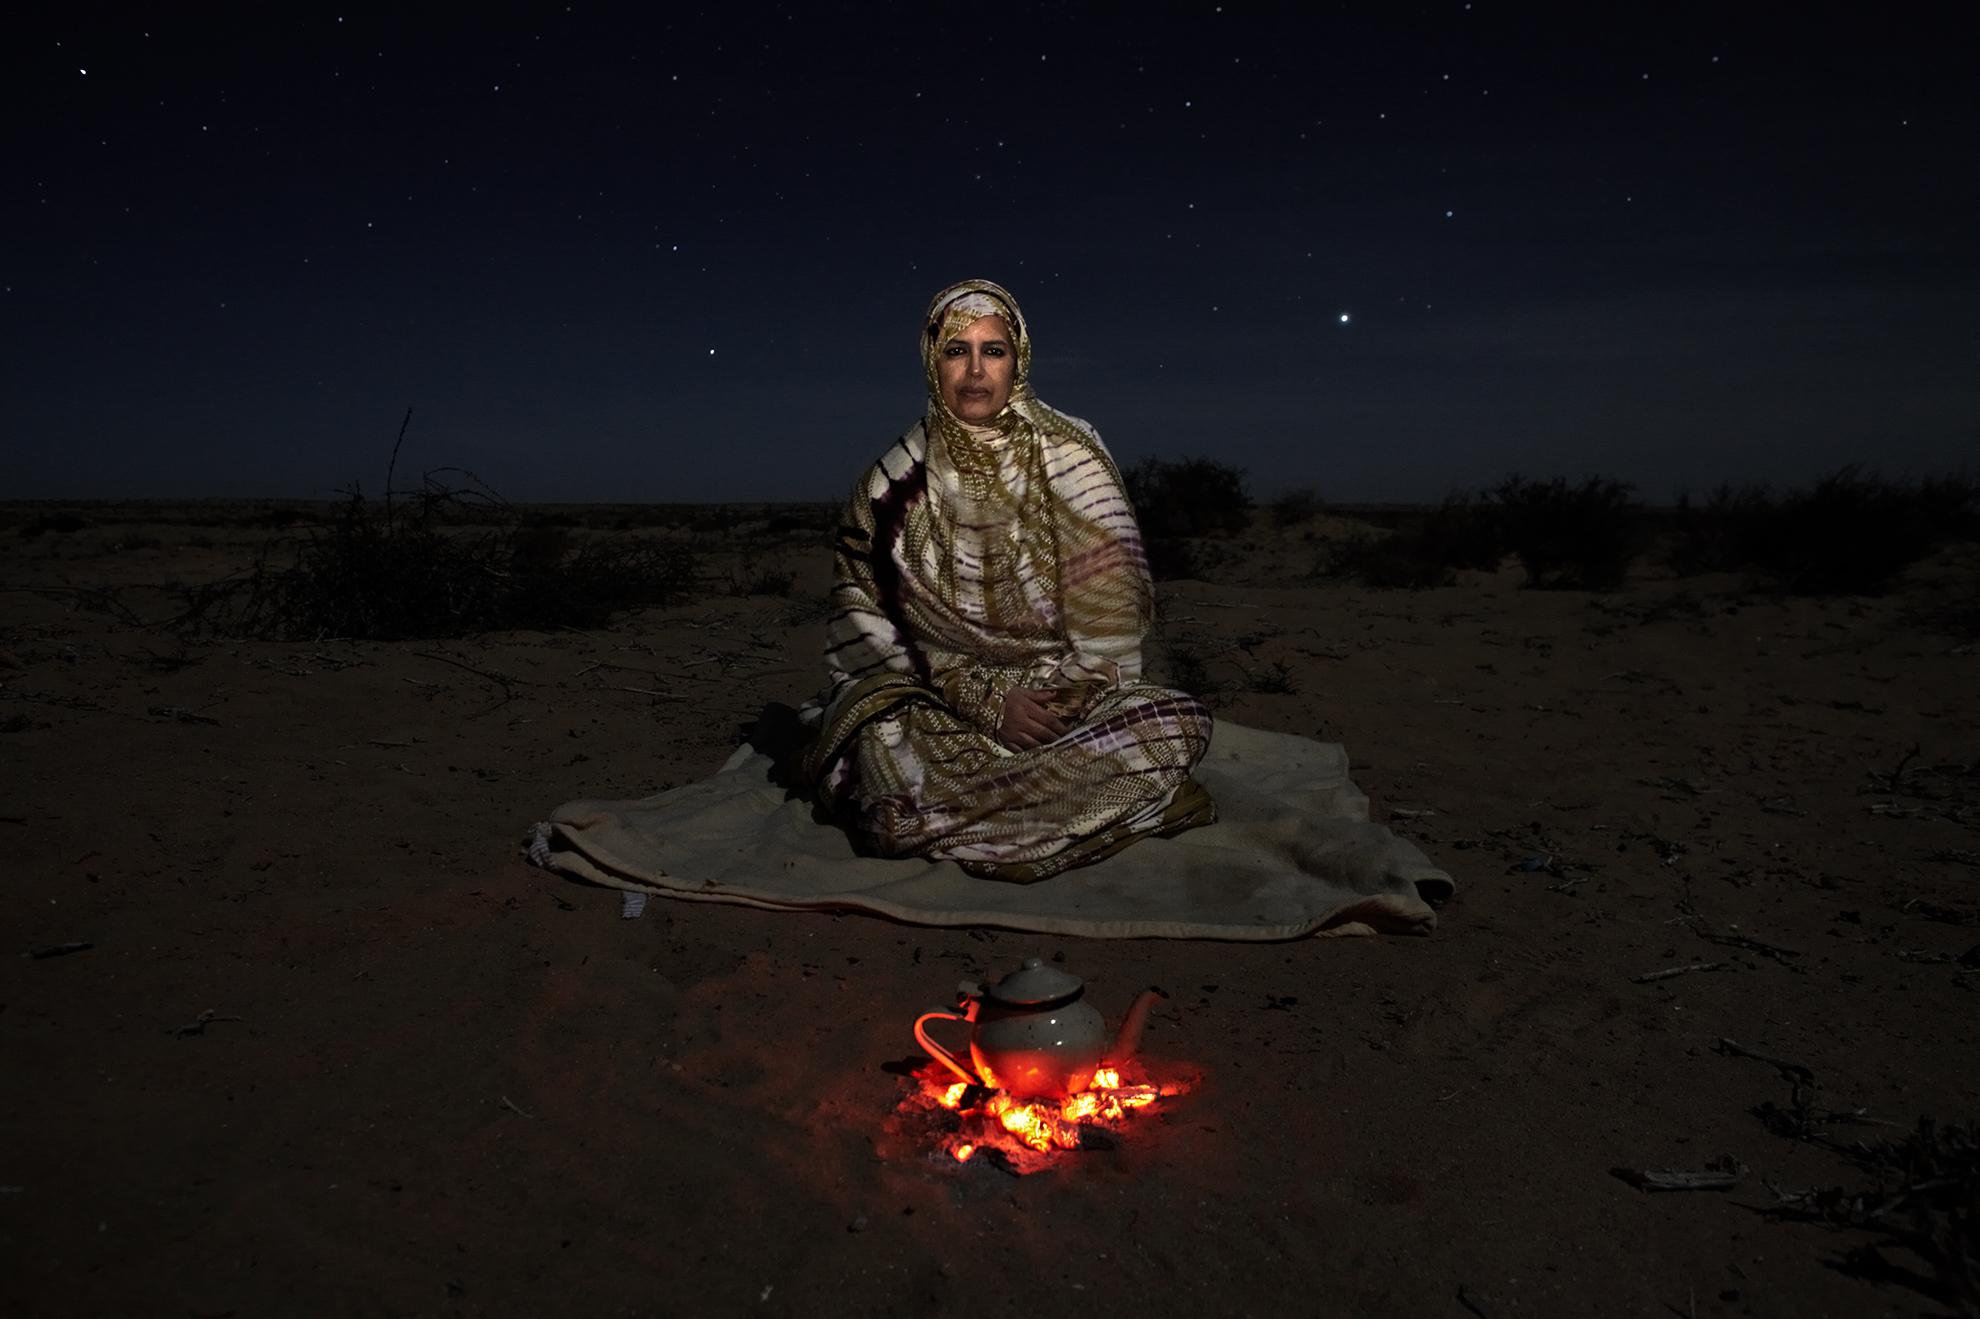 Djimi Elghalia, de 48 años, vicepresidenta de la Asociación Saharaui de Víctimas de Violaciones Graves de los Derechos Humanos Cometidas por el Estado Marroquí (ASVDH), fotografiada cerca de la ciudad de El Aaiún, en el Sáhara Occidental controlado por Marruecos (República Árabe Democrática Saharaui).